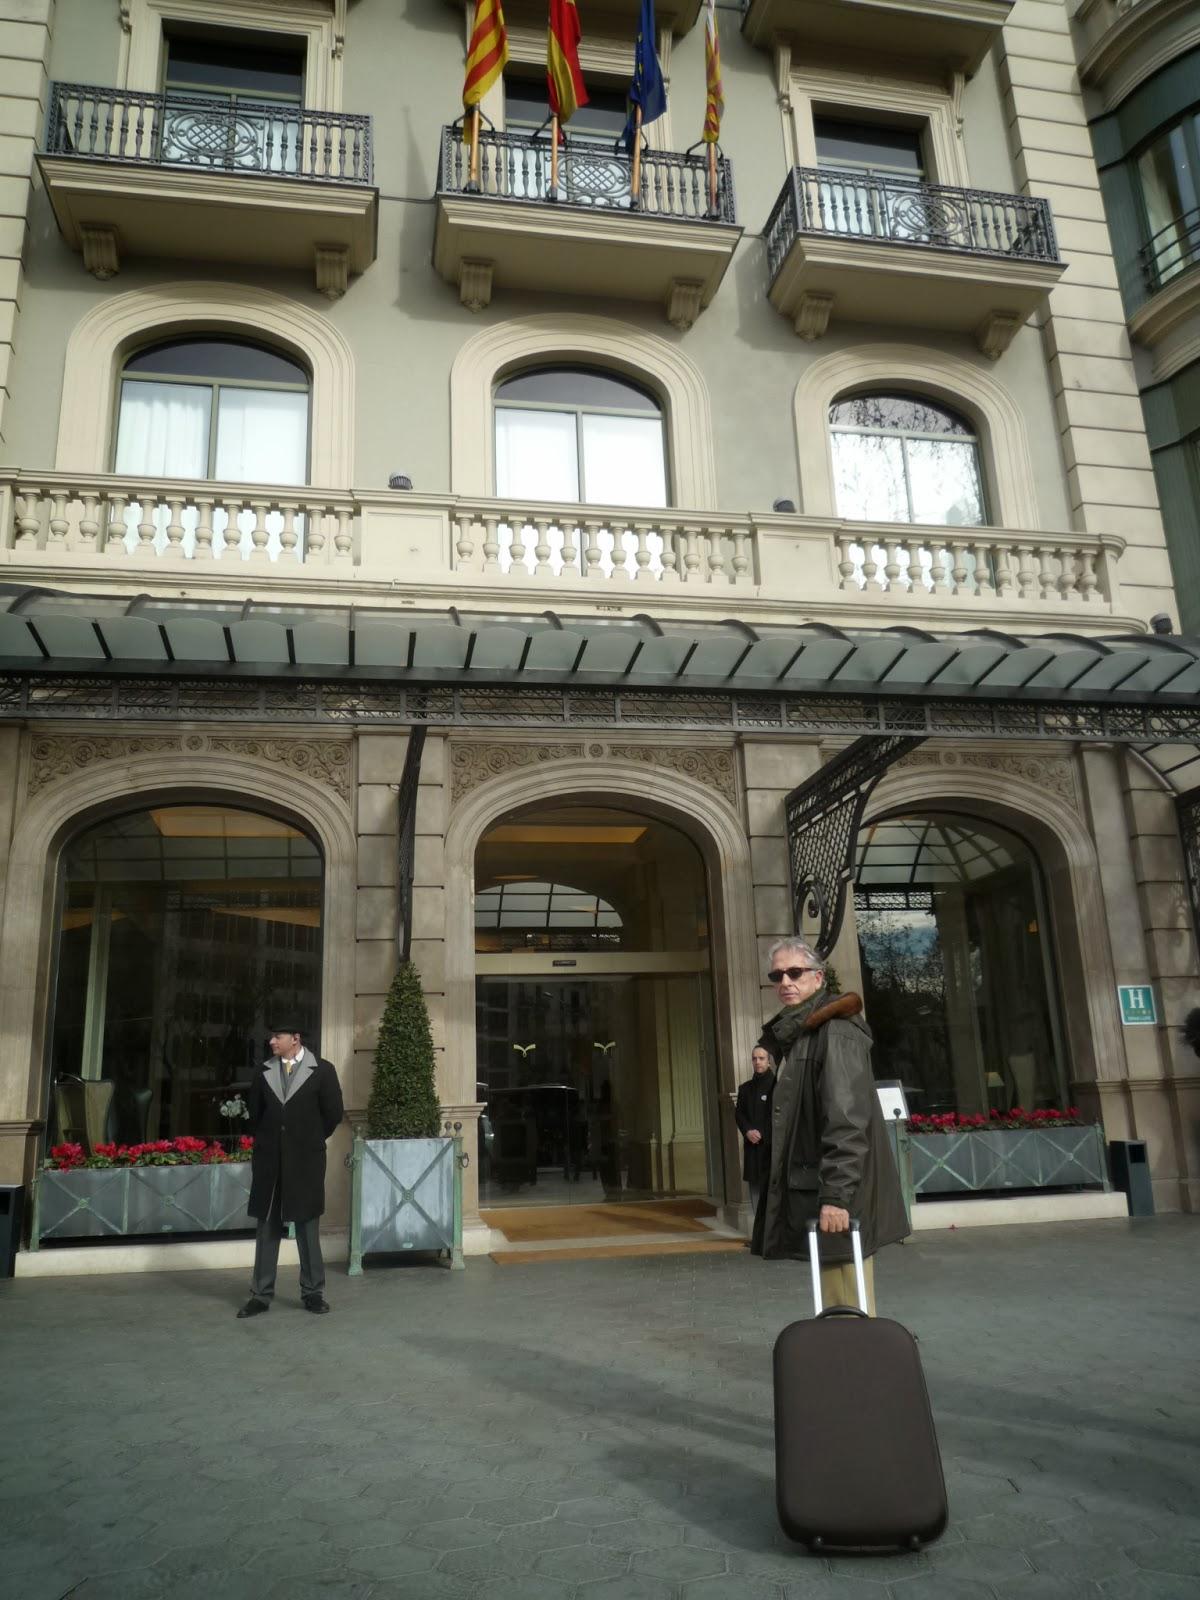 El observador solitario 1 01 14 1 02 14 for Hotel en solde